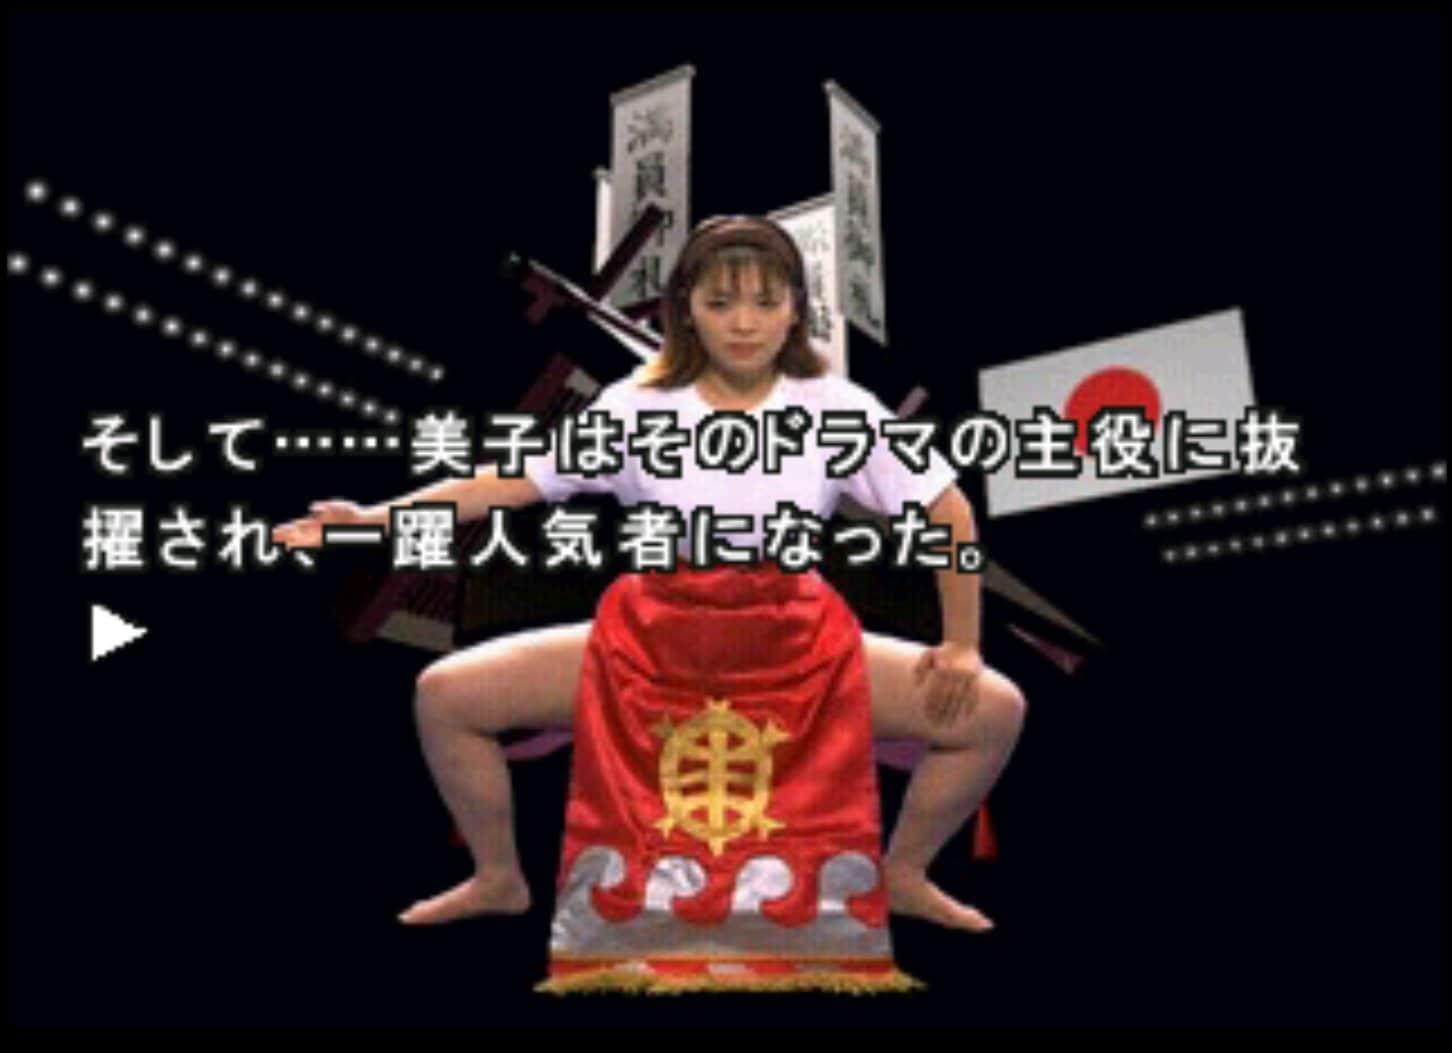 無名時代の窪塚洋介さんも出演、伝説の実写ゲーム『街』の圧倒的見せ方【ヤマグチクエスト・コラム】の画像016